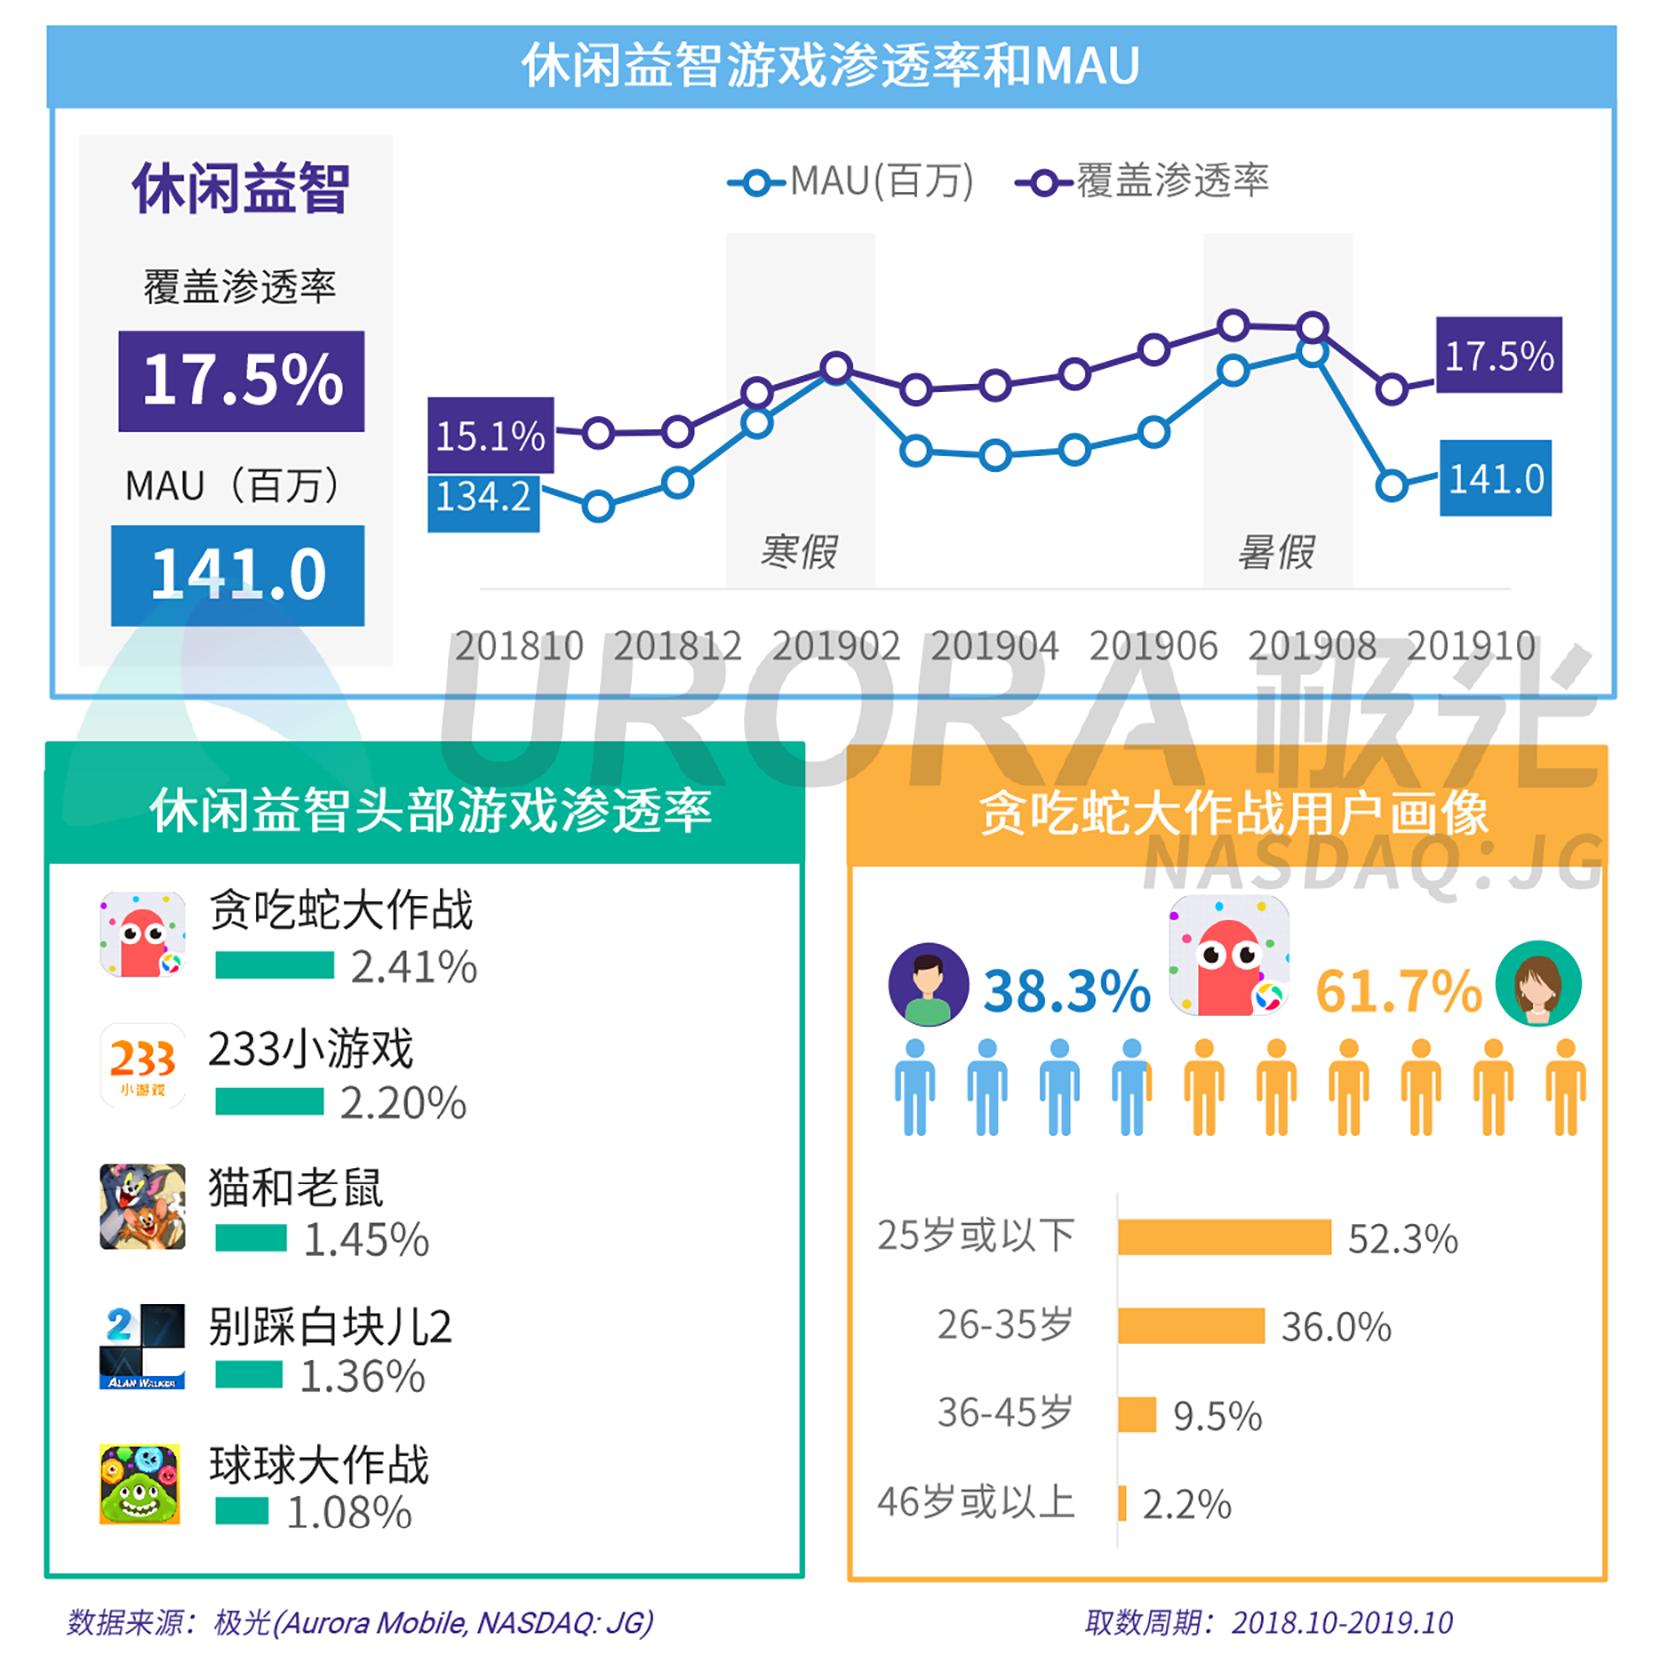 2019年手机游戏研究报告V5-17.png